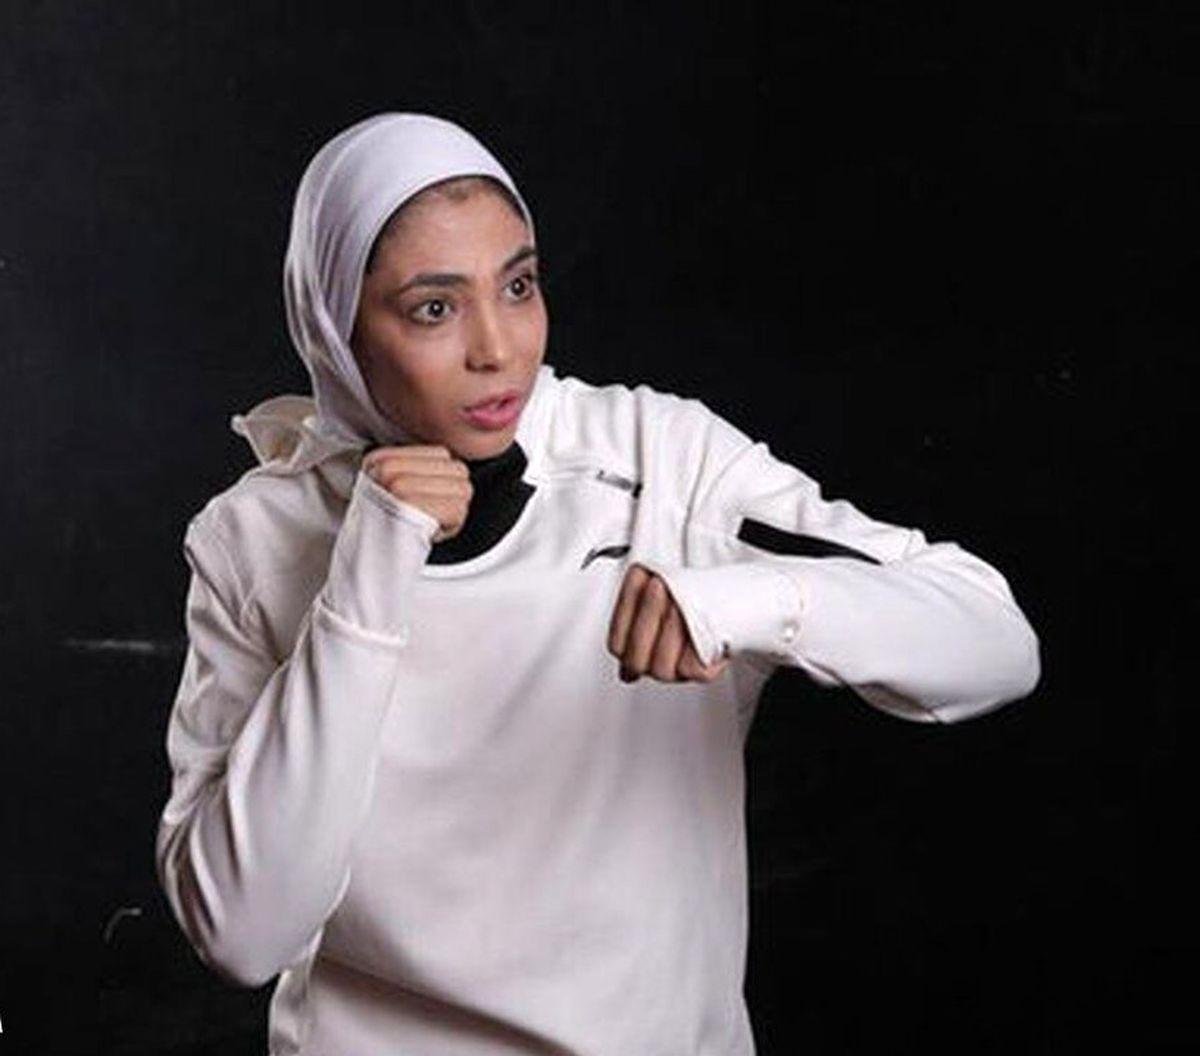 واکنش جنجالی سهیلا منصوریان به اظهارات نماینده مجلس: من قمه کشم!